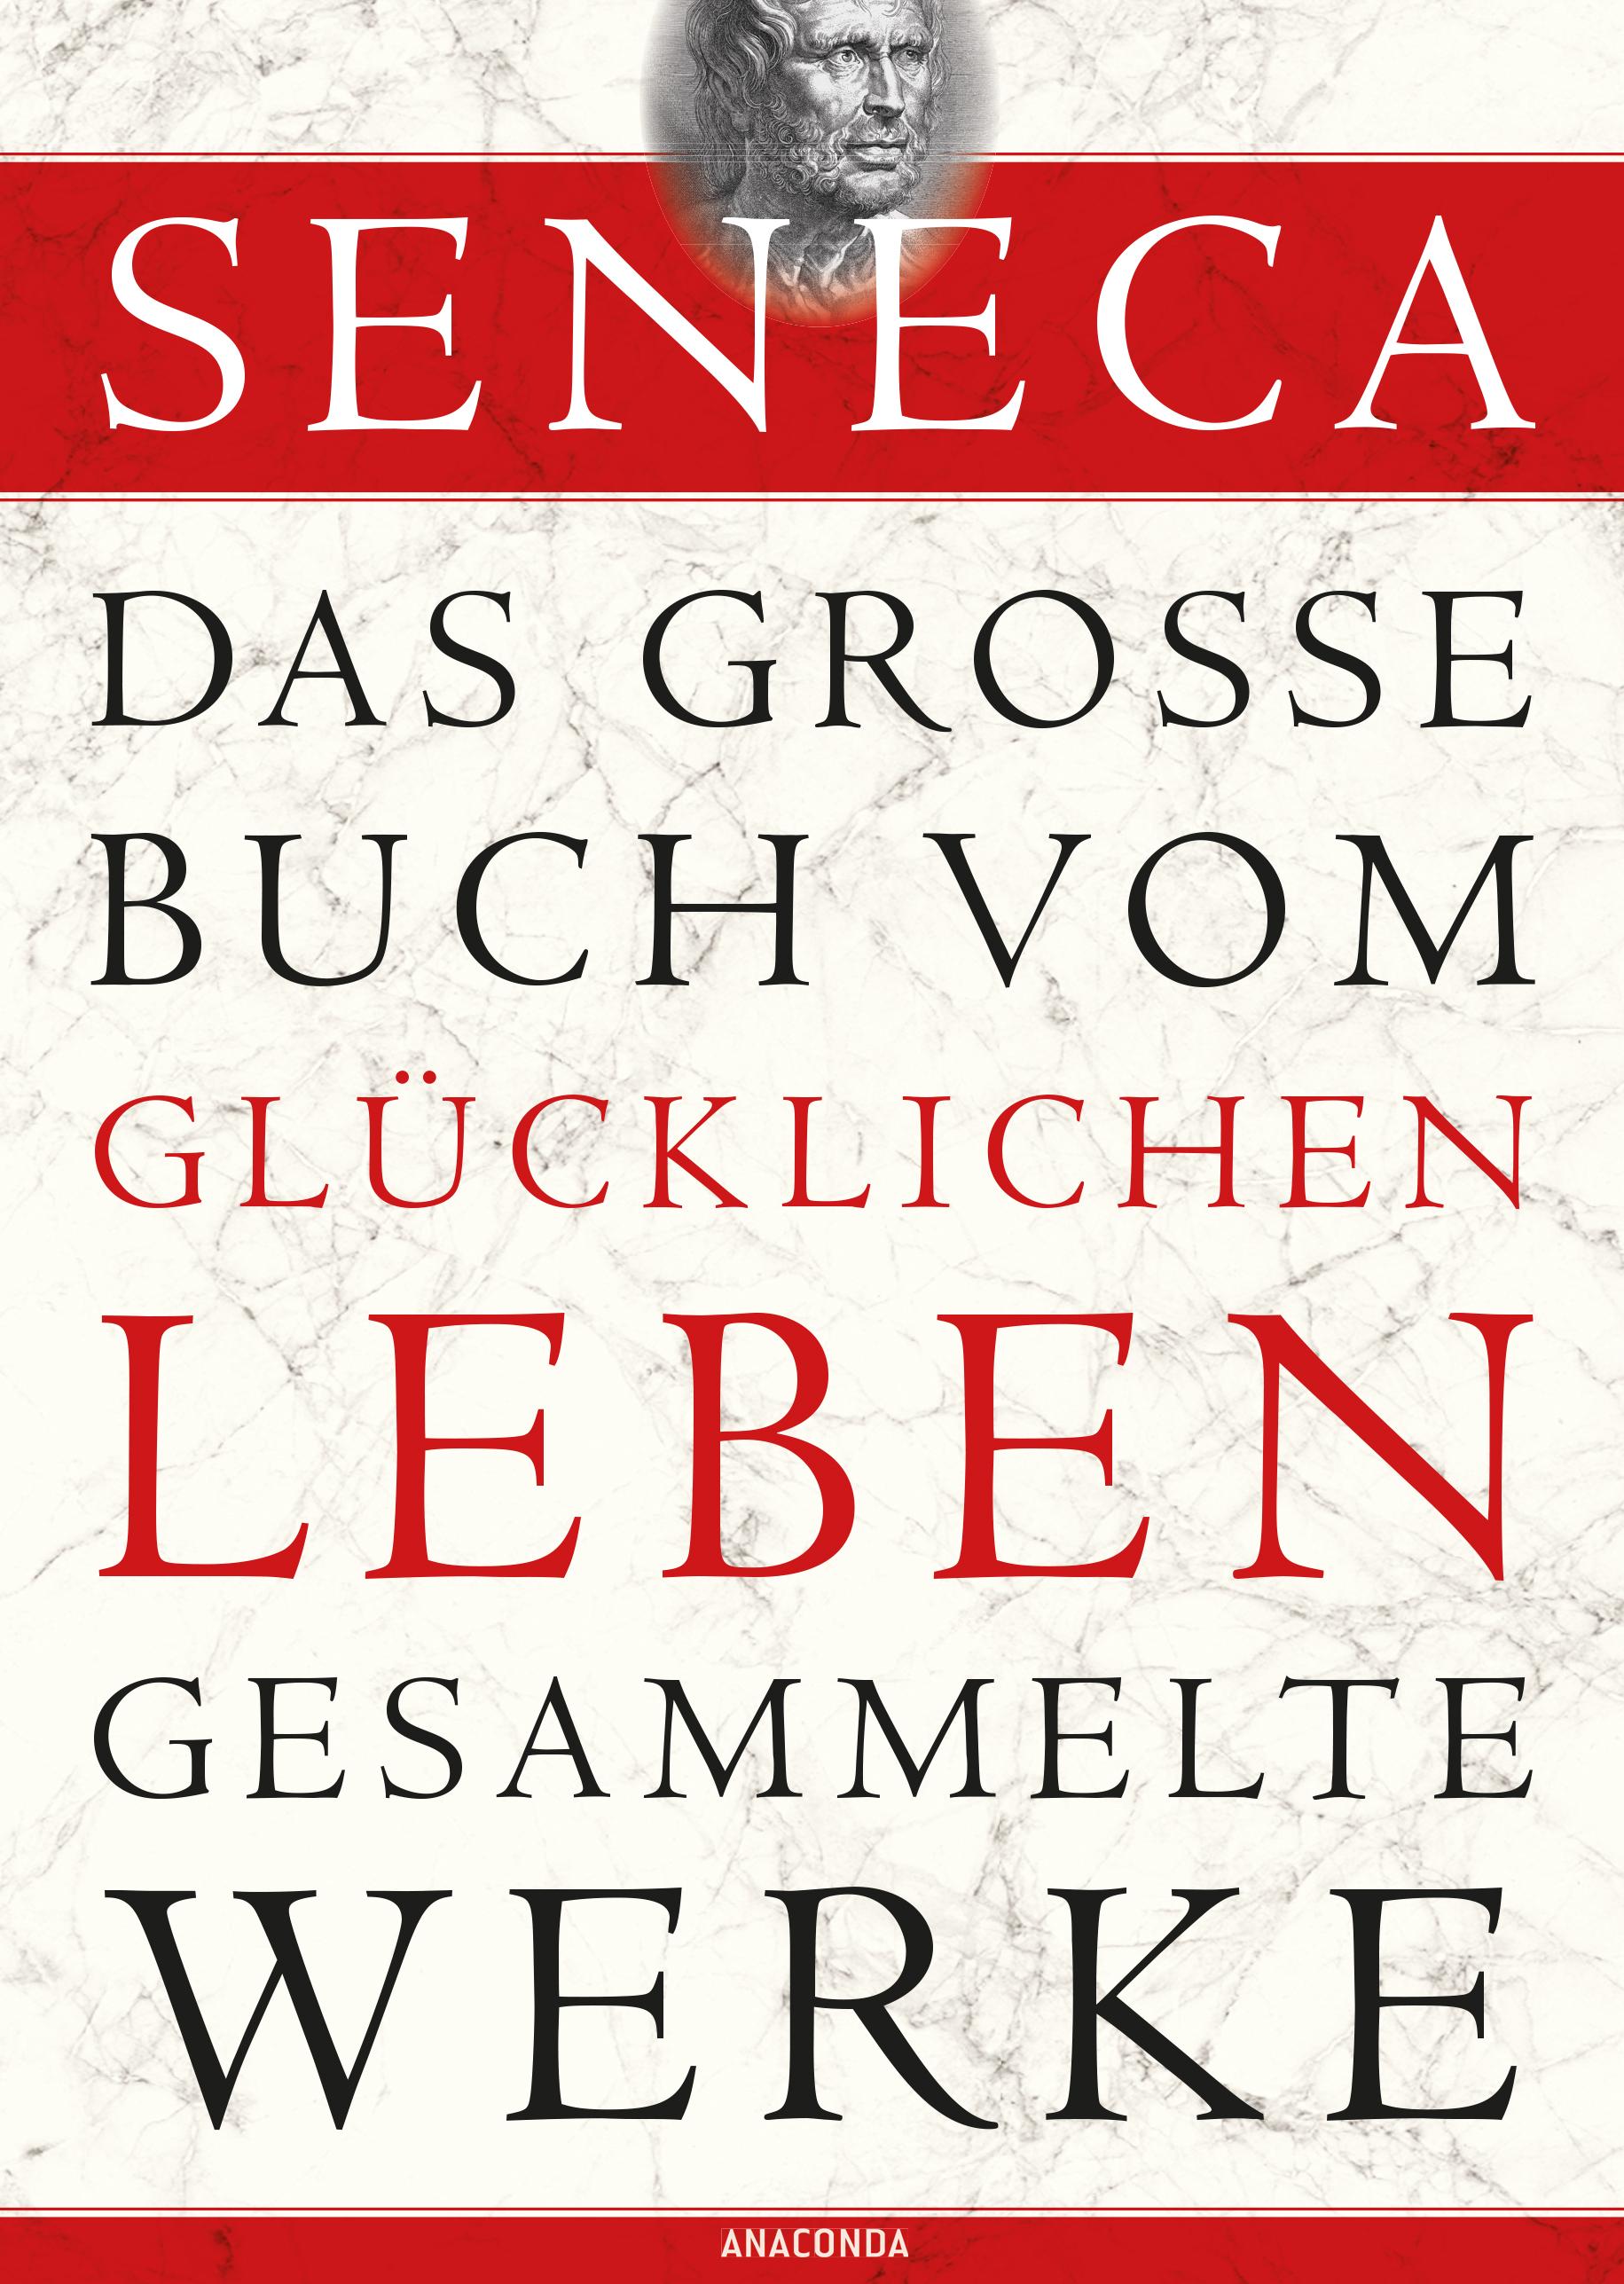 Das große Buch vom glücklichen Leben - Gesammelte Werke - Seneca [Gebundene Ausgabe]